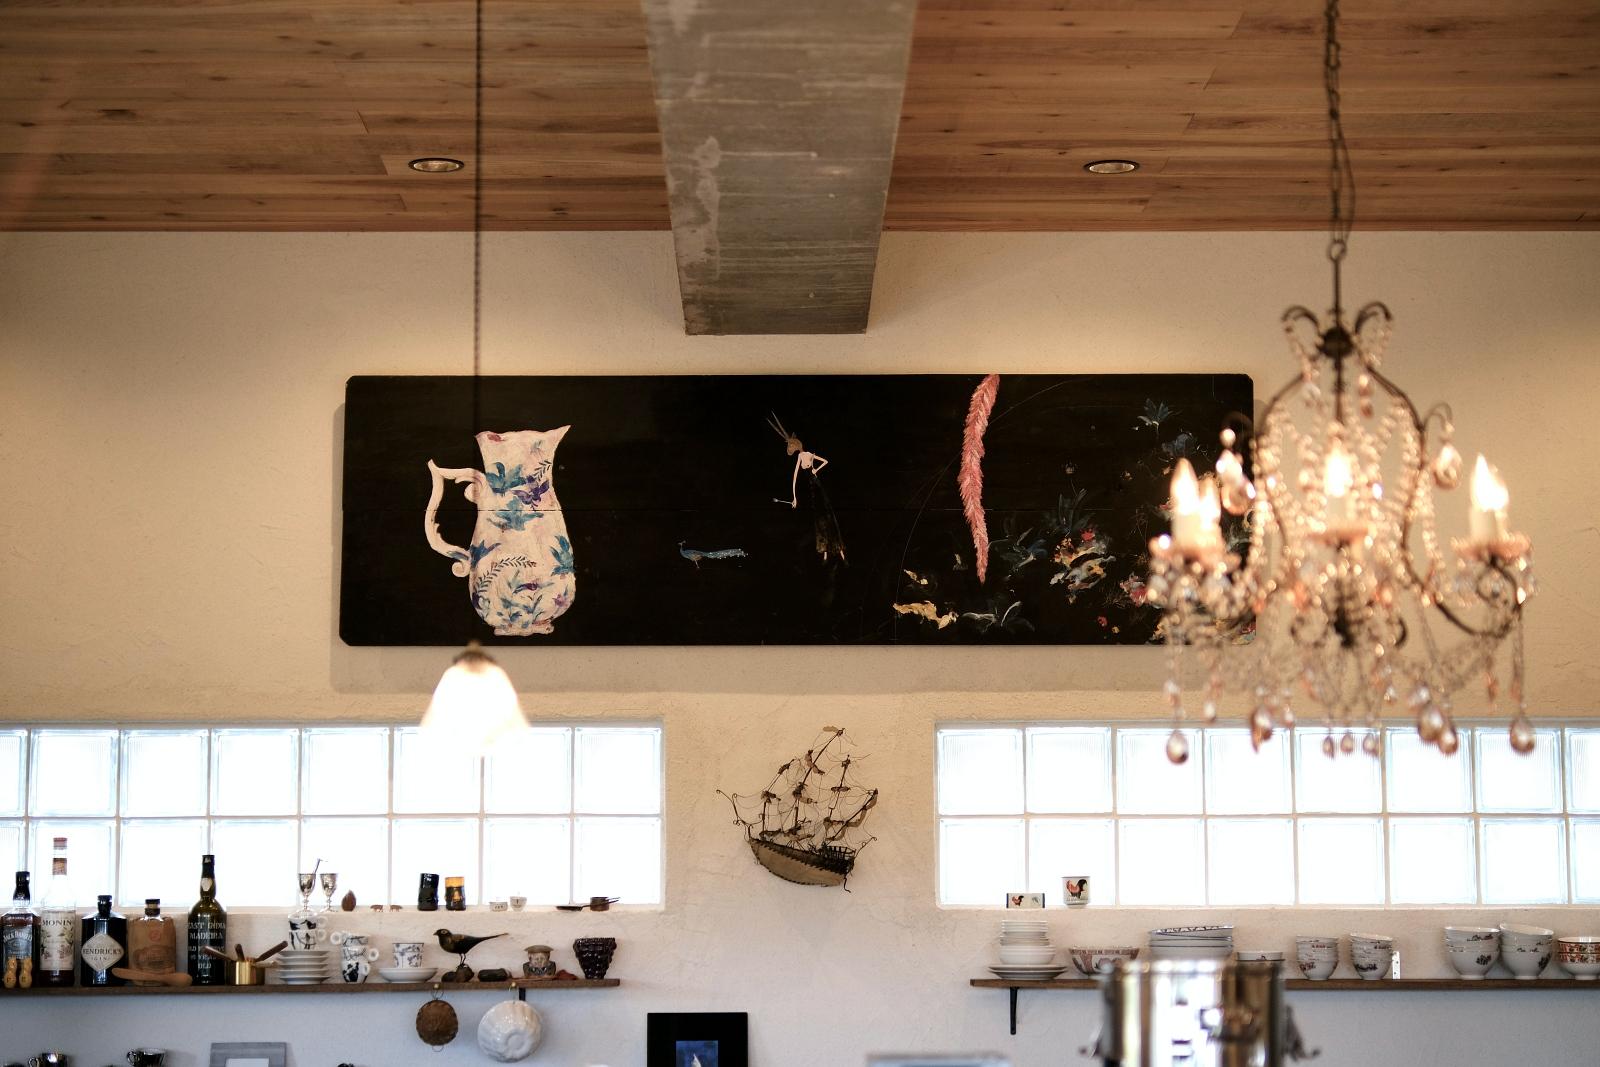 公民館を自分たちの手でリノベ! 画家、陶芸家、木工作家…沖縄を代表するアーティスト達がつくる「玉城食堂」の包容力